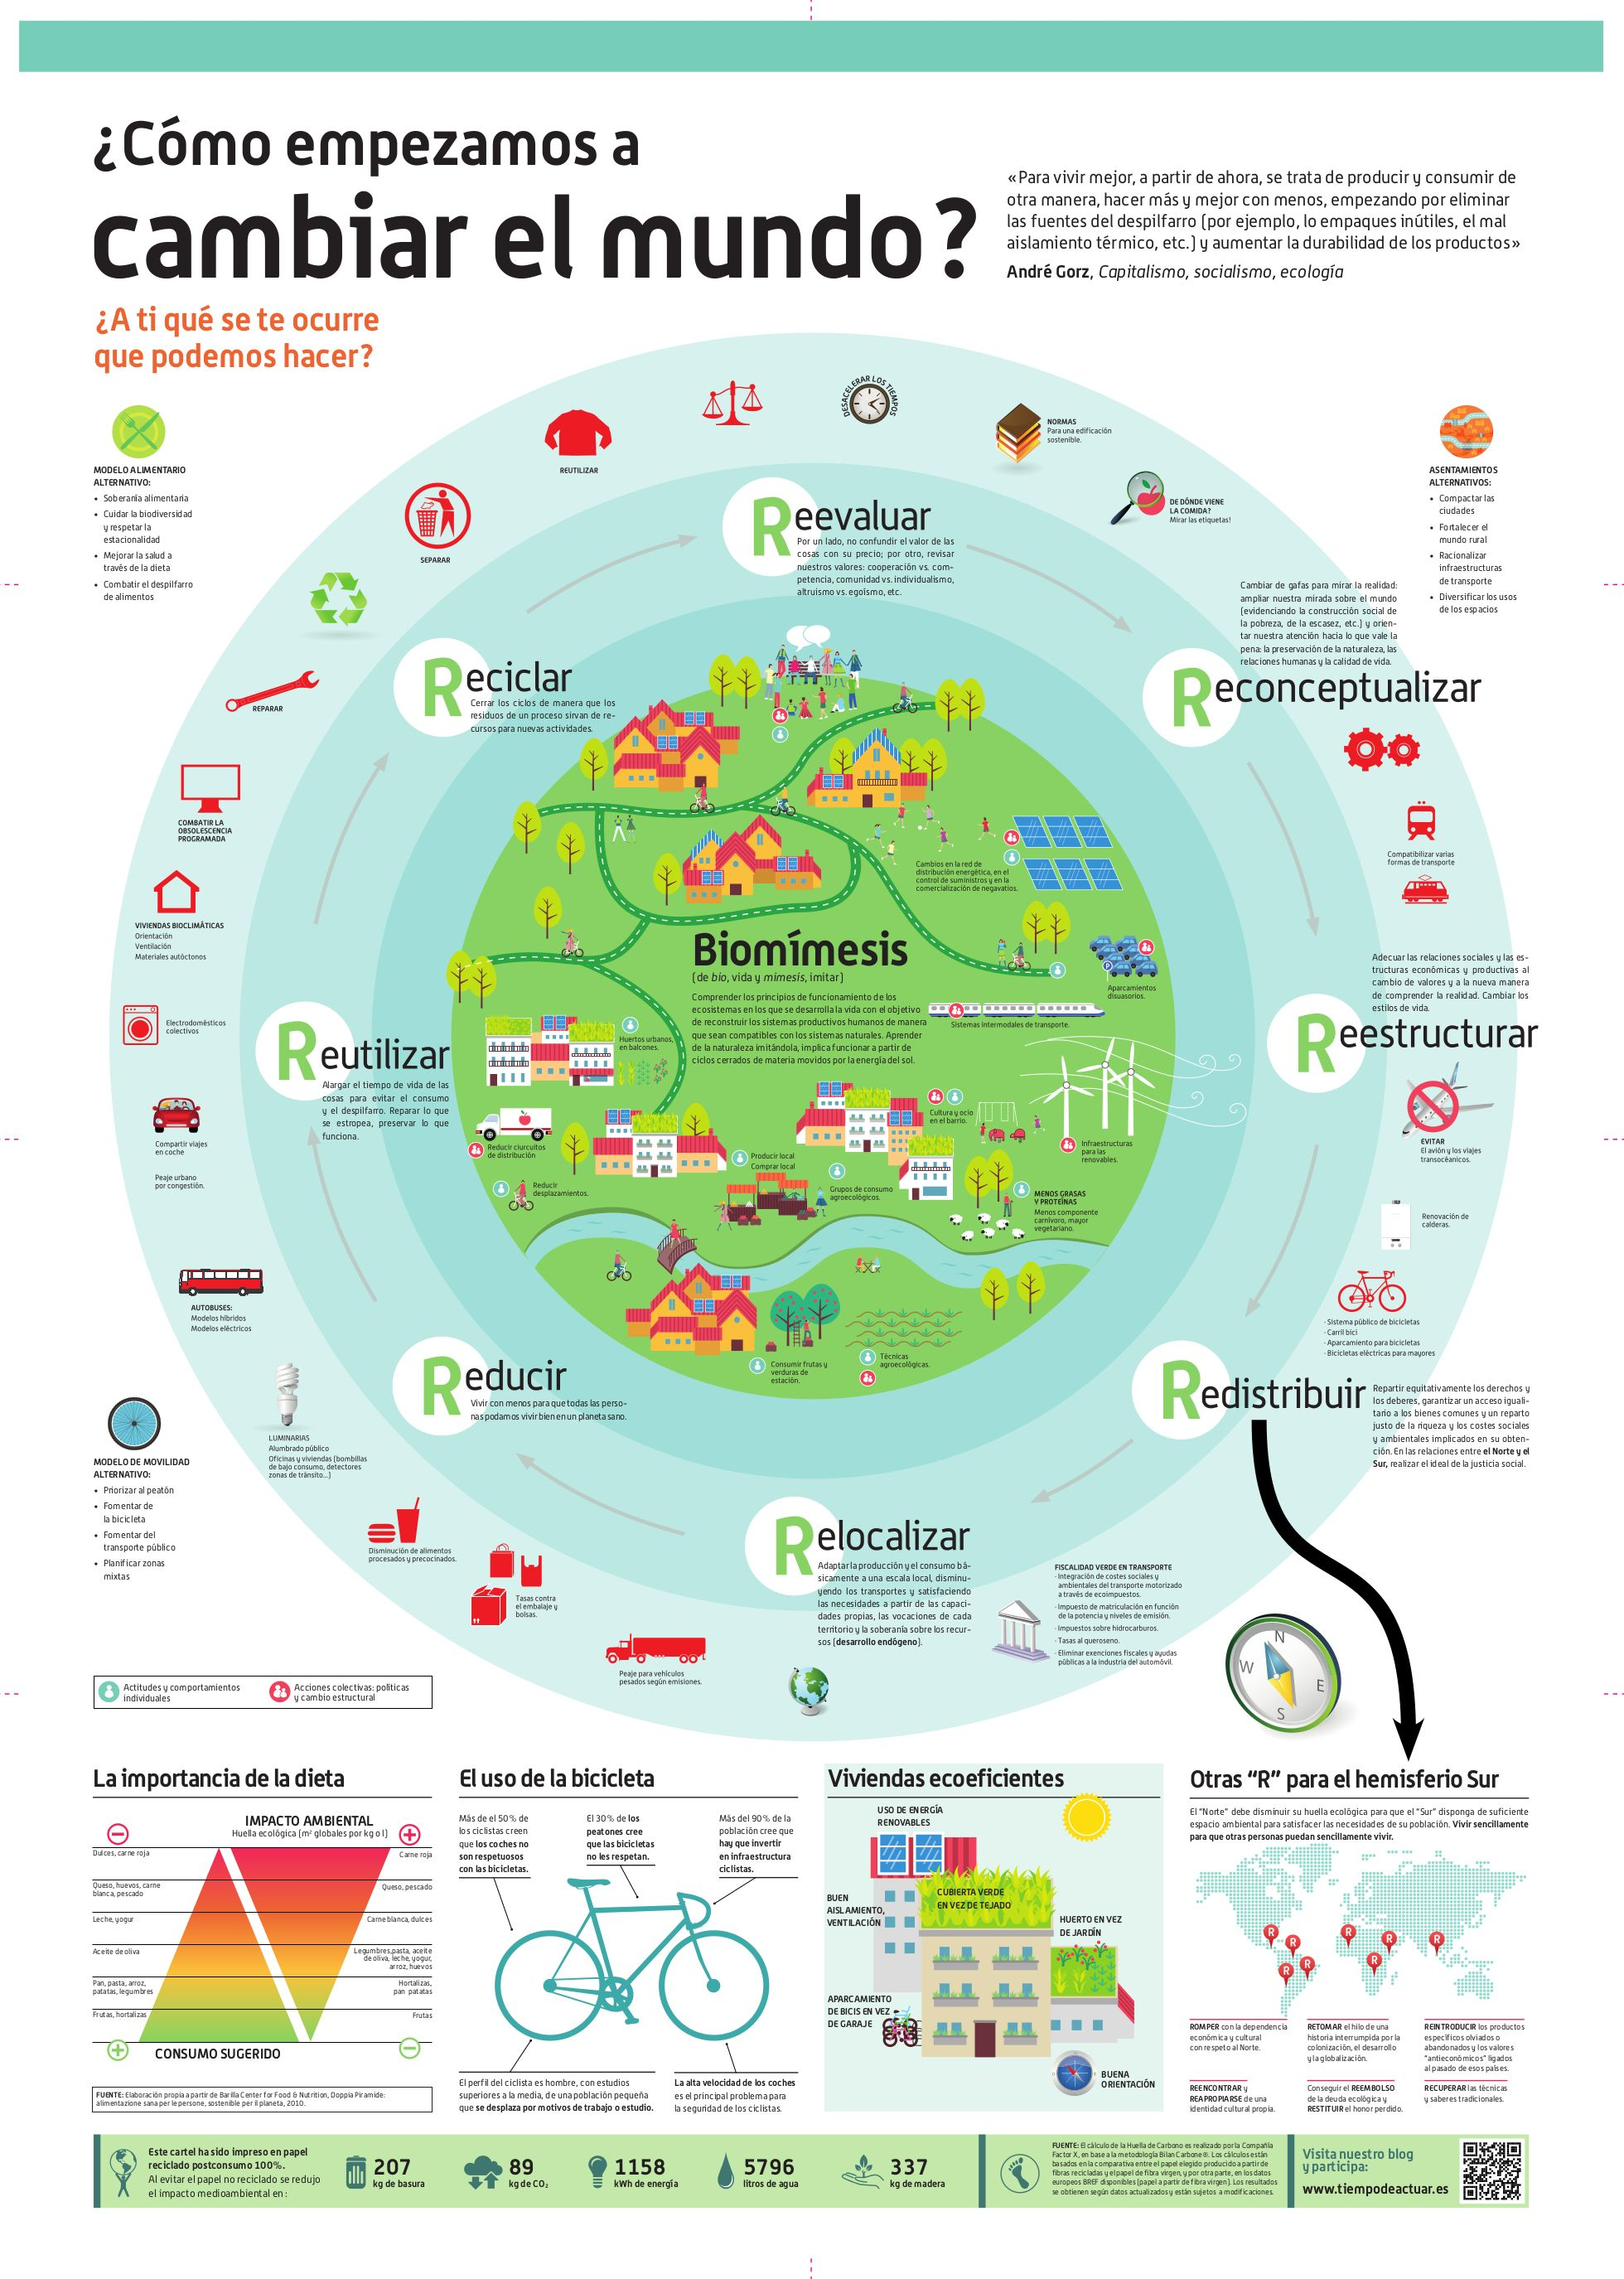 Como Empezamos A Cambiar El Mundo Infografia Cambiar El Mundo Salud Y Medio Ambiente Objetivos De Desarrollo Sostenible